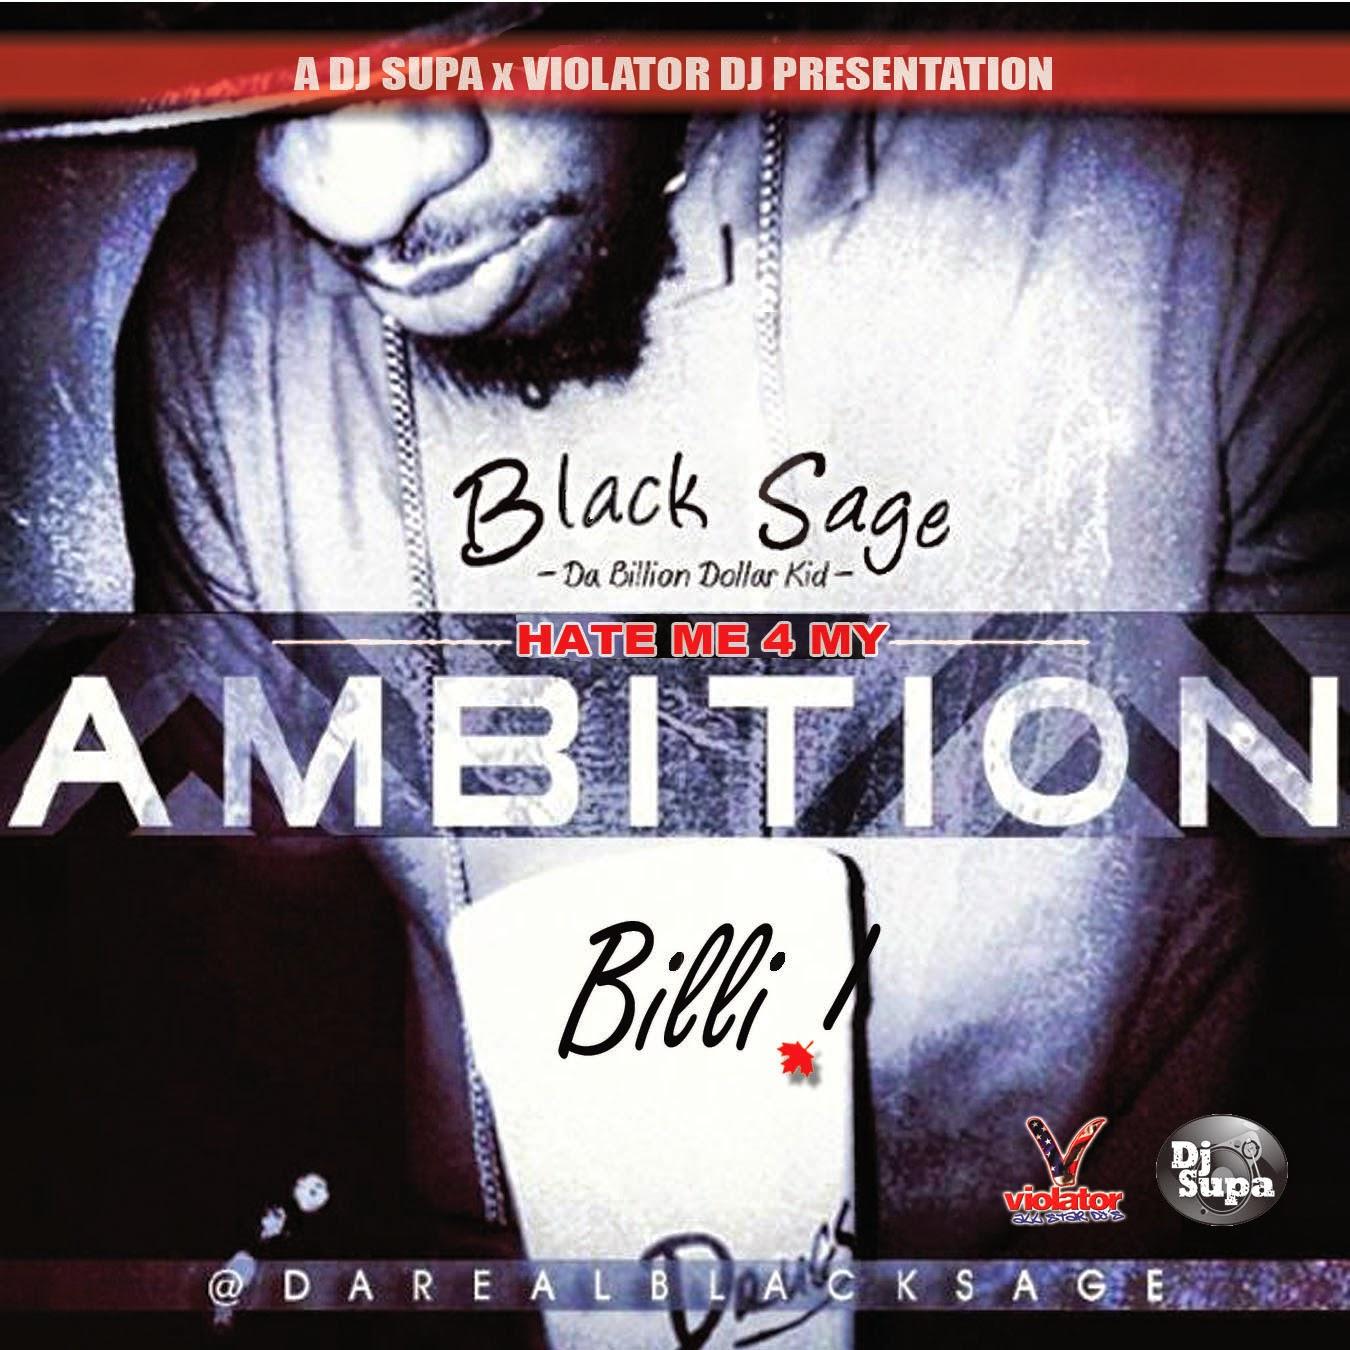 http://www.datpiff.com/Billi-DKid-aka-Black-Sage-Hate-Me-4-My-Ambition-hm4ma-By-Billi-Dkid-Aka-Bl-mixtape.607488.html